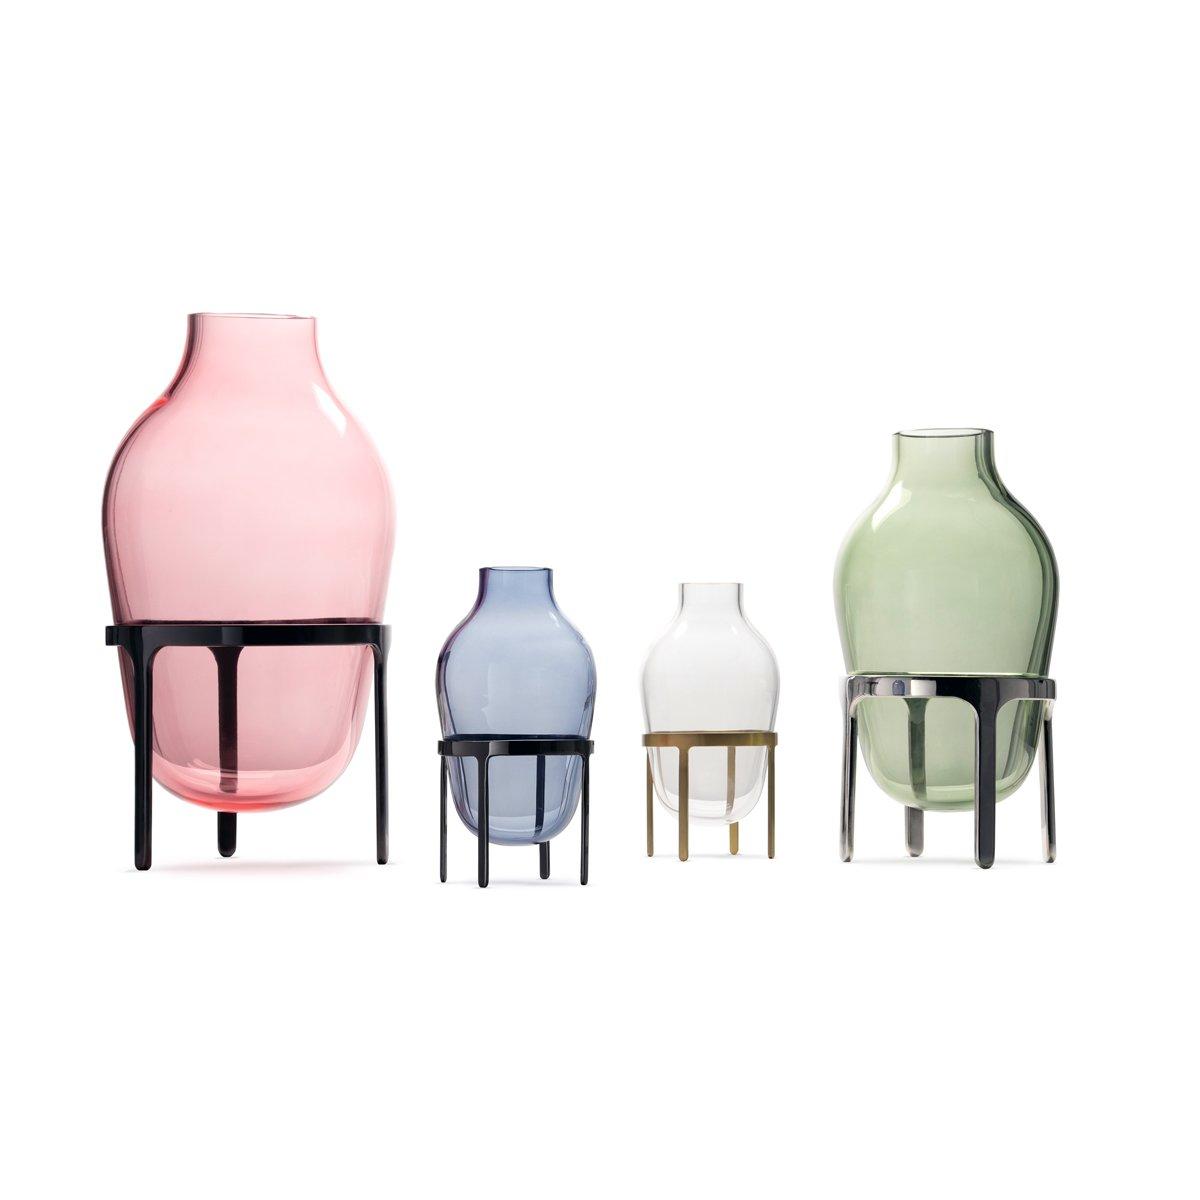 petit vase titus iii en verre bleu par jaime hayon pour paola c en vente sur pamono. Black Bedroom Furniture Sets. Home Design Ideas